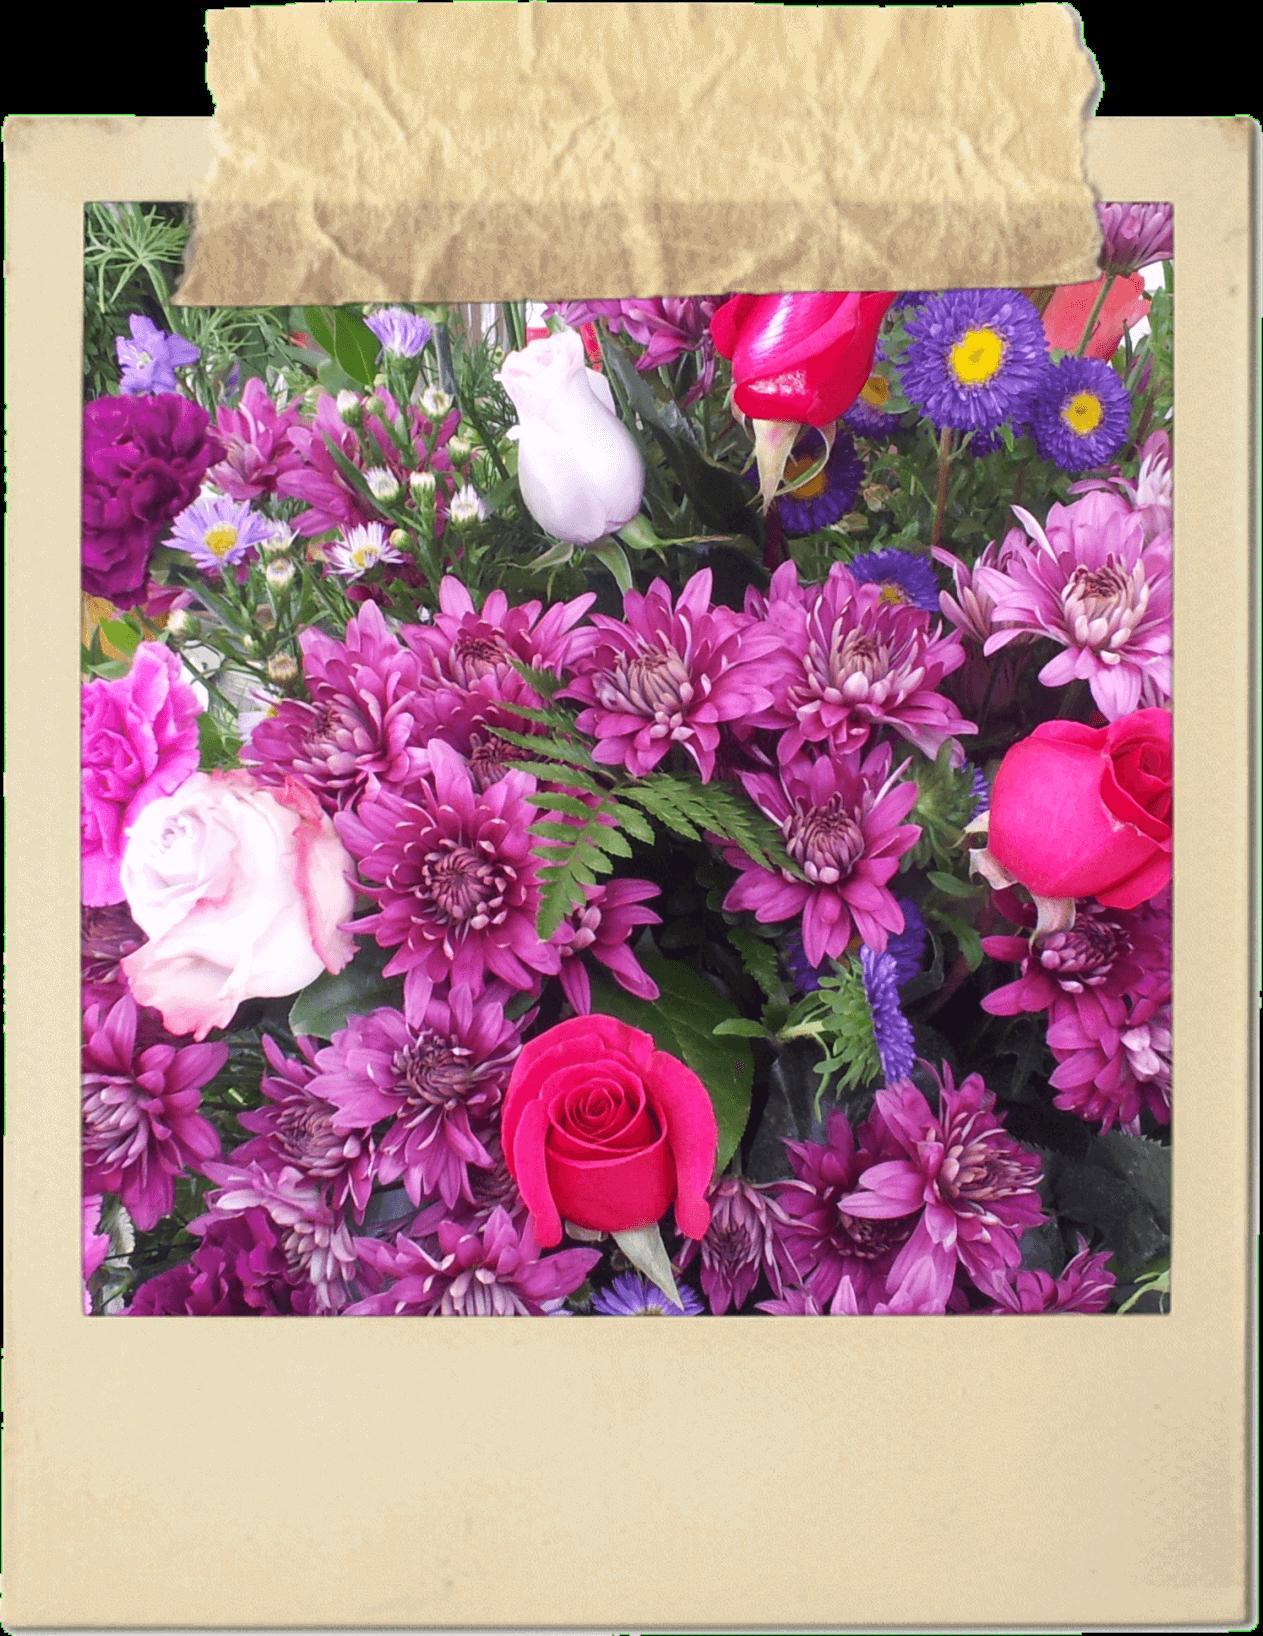 pink-purple-flowers-polaroid